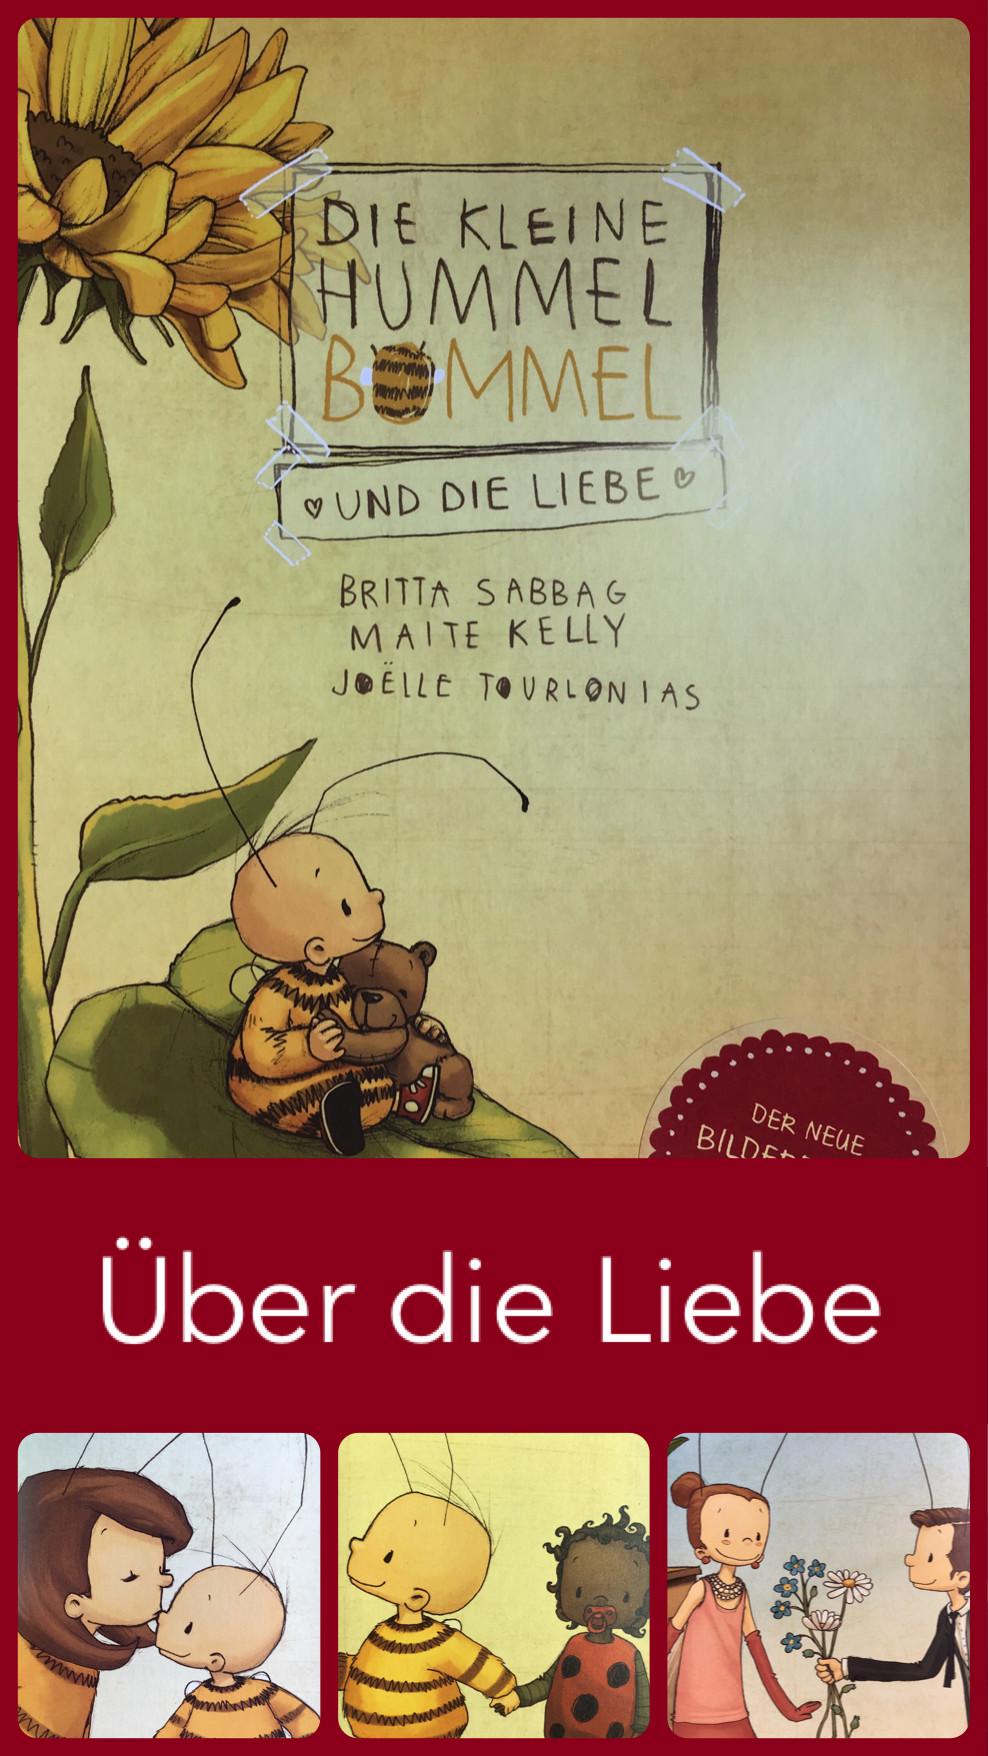 """Hummel Bilder Zum Ausmalen Neu Ab 4 Jahren """"die Kleine Hummel Bommel Und Liebe"""" Von Britta Bilder"""